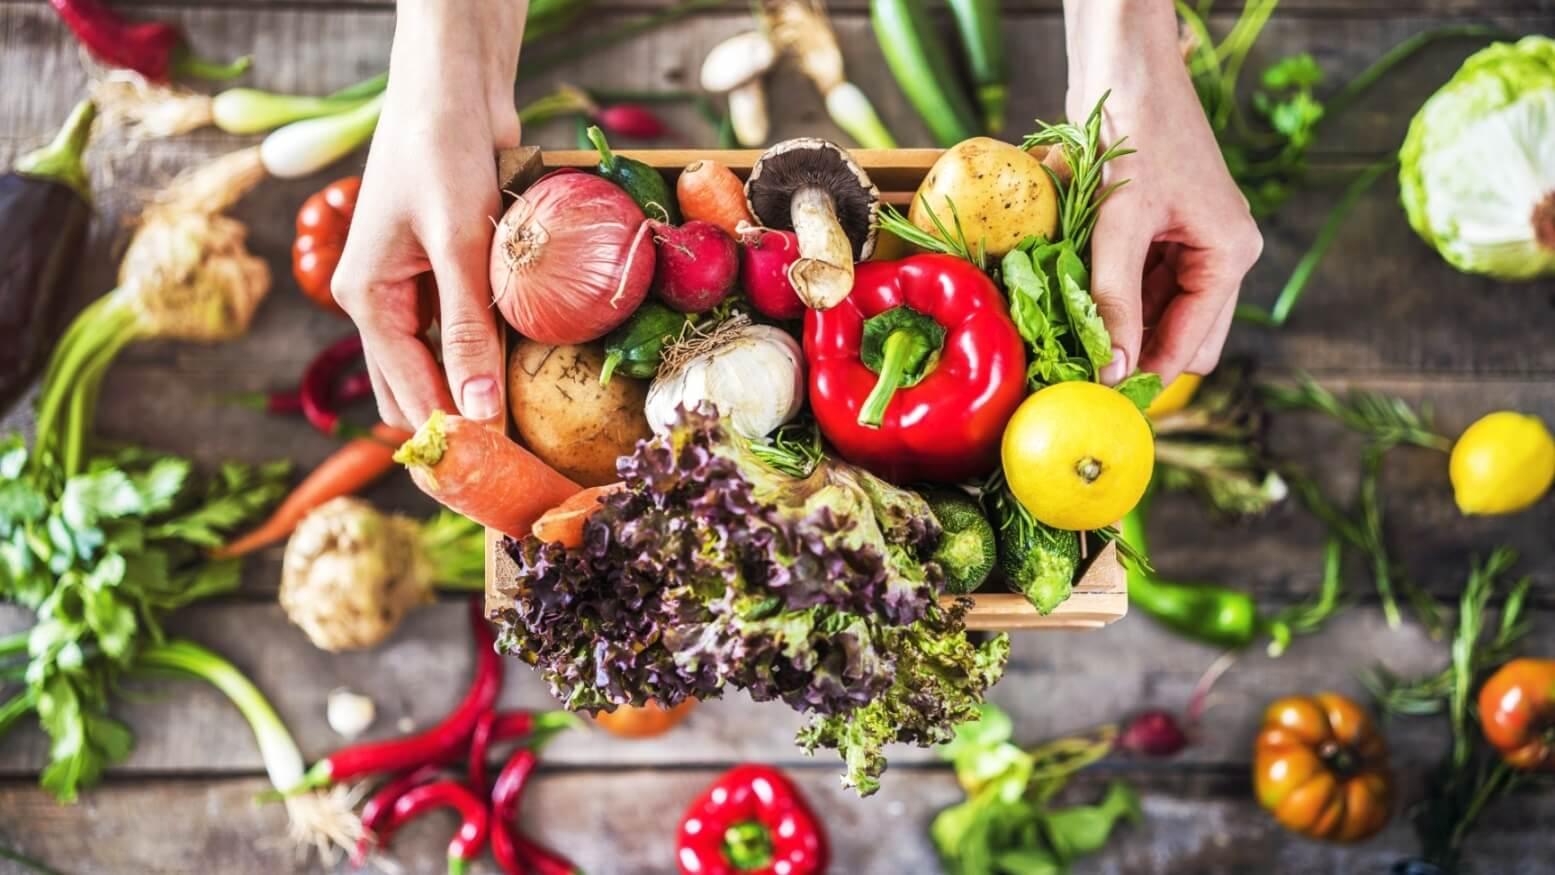 Prebiotyki pomagają namnażać się probiotykom w jelitach. Sprawdź, gdzie szukać prebiotyków w codziennej diecie.